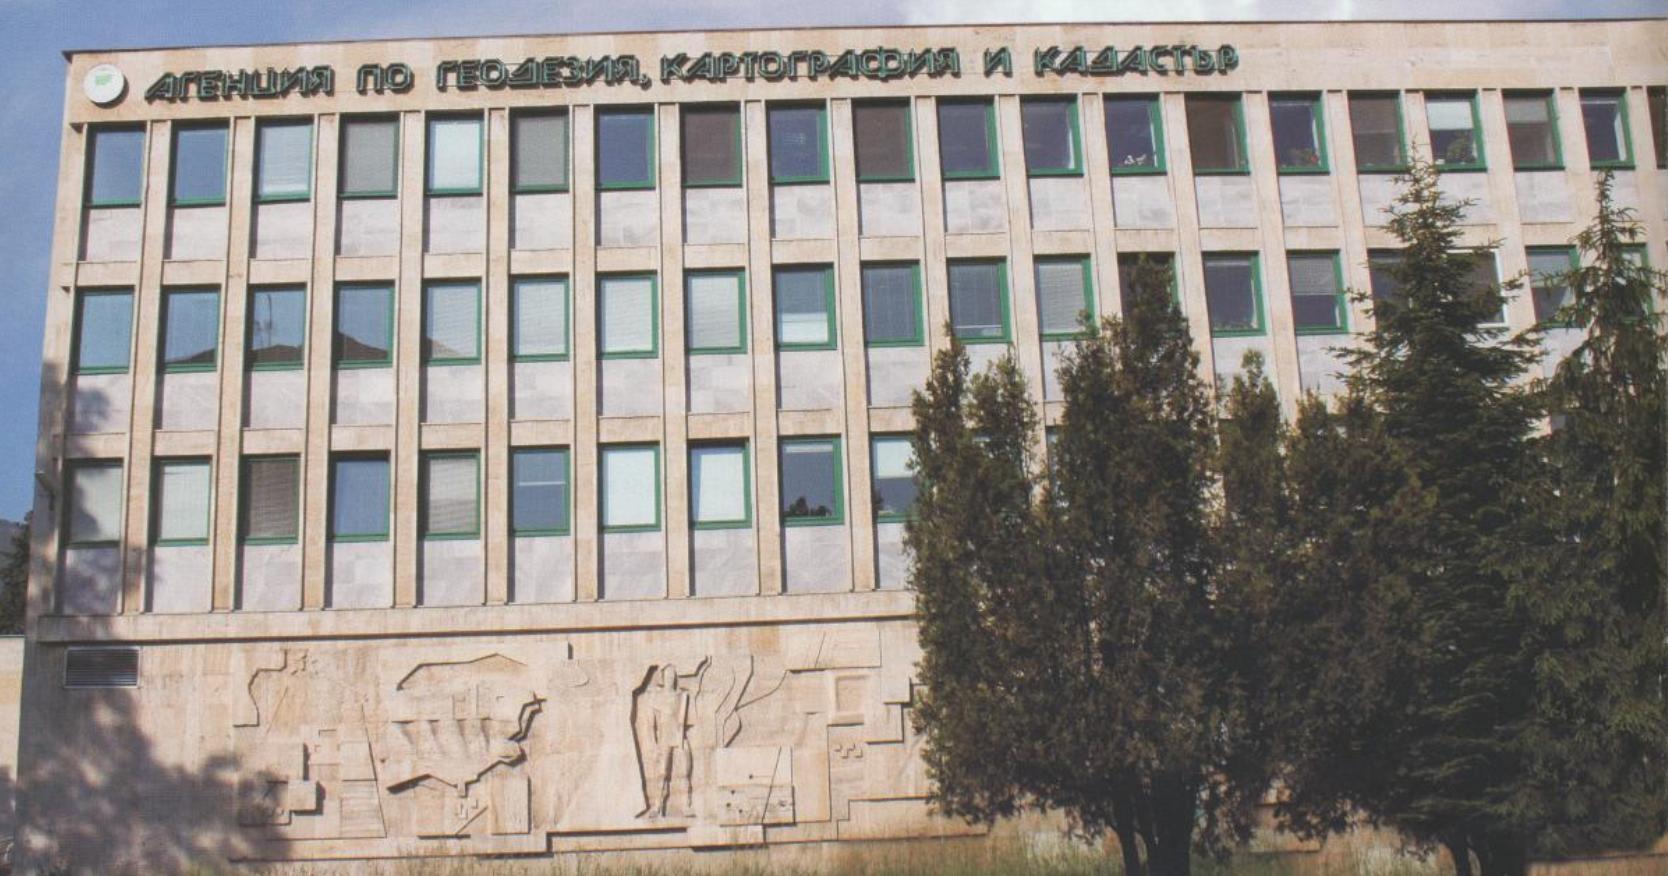 Проект на Закон за изменение и допълнение на Закона за кадастъра и имотния регистър